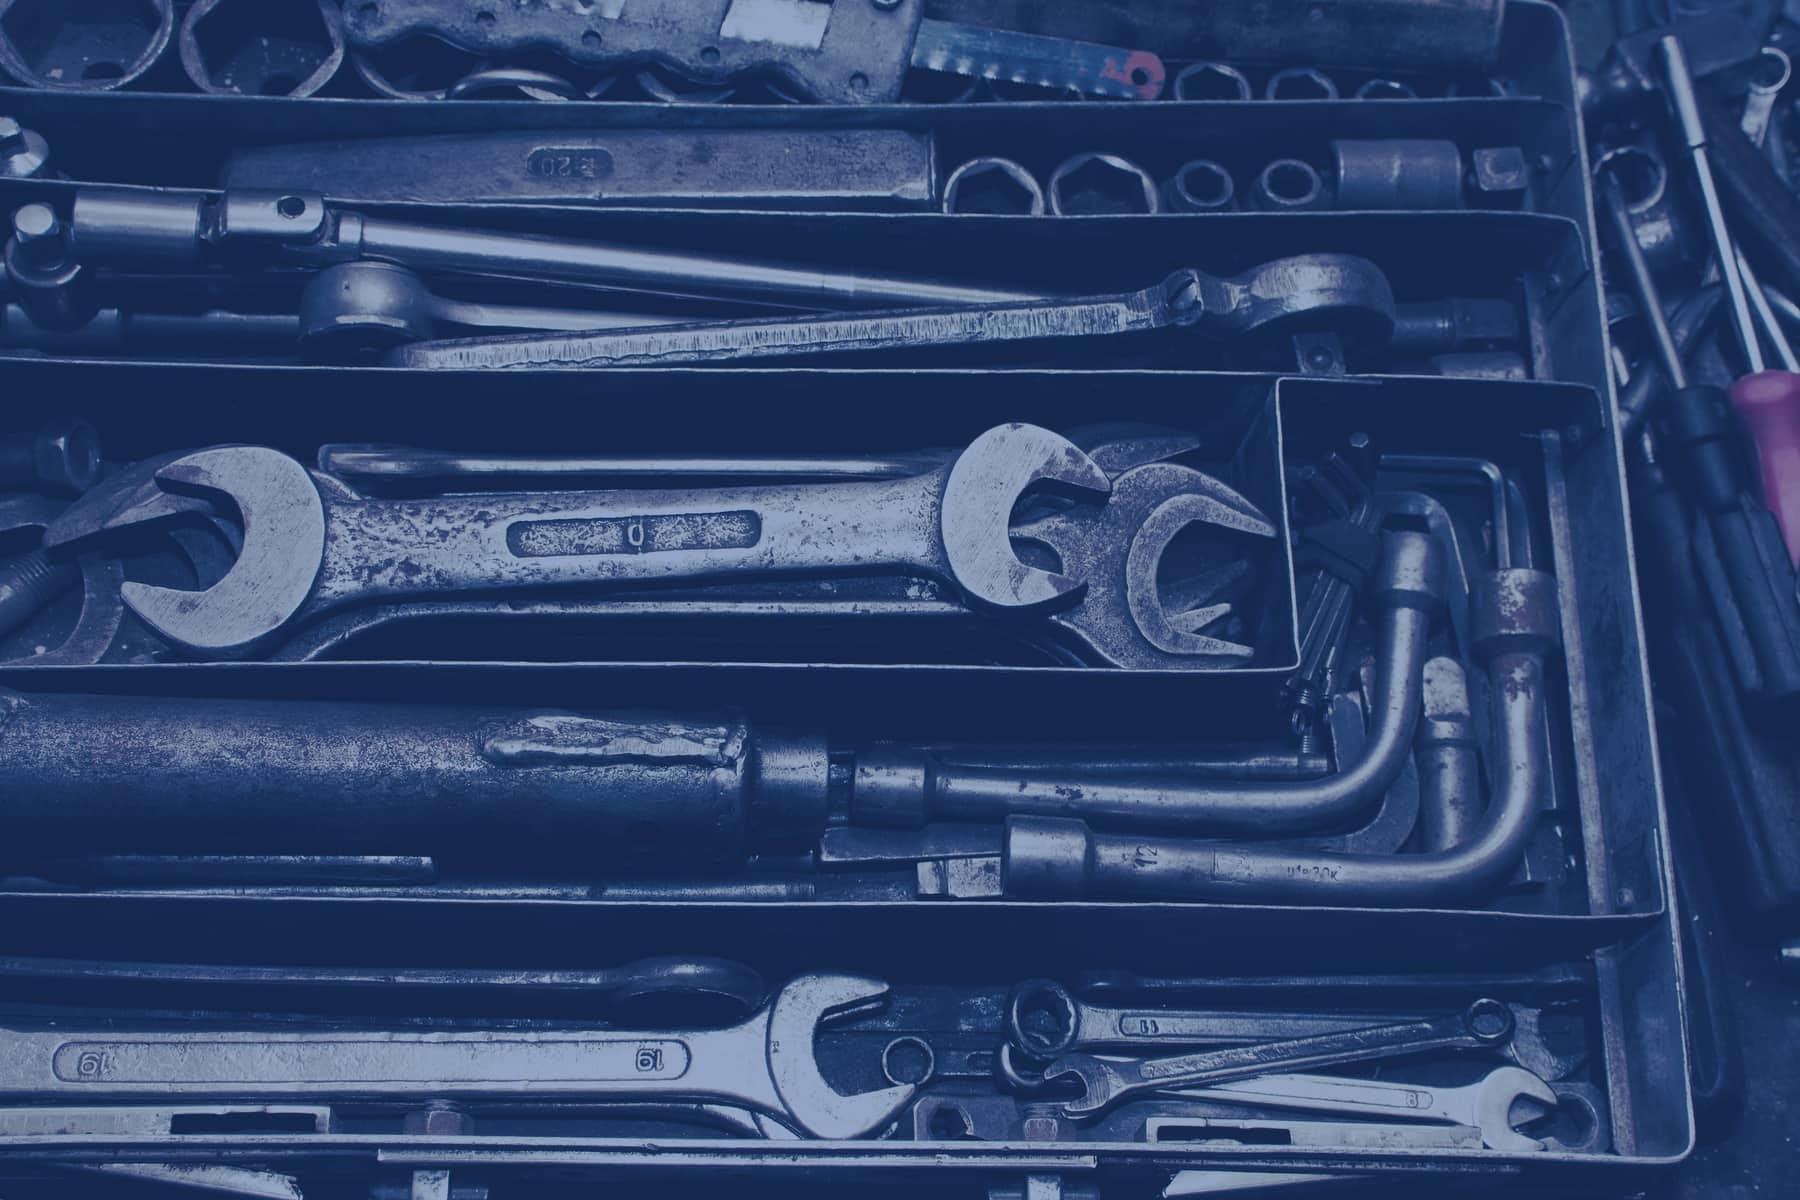 Werkzeugkiste mit Schraubenschlüssel